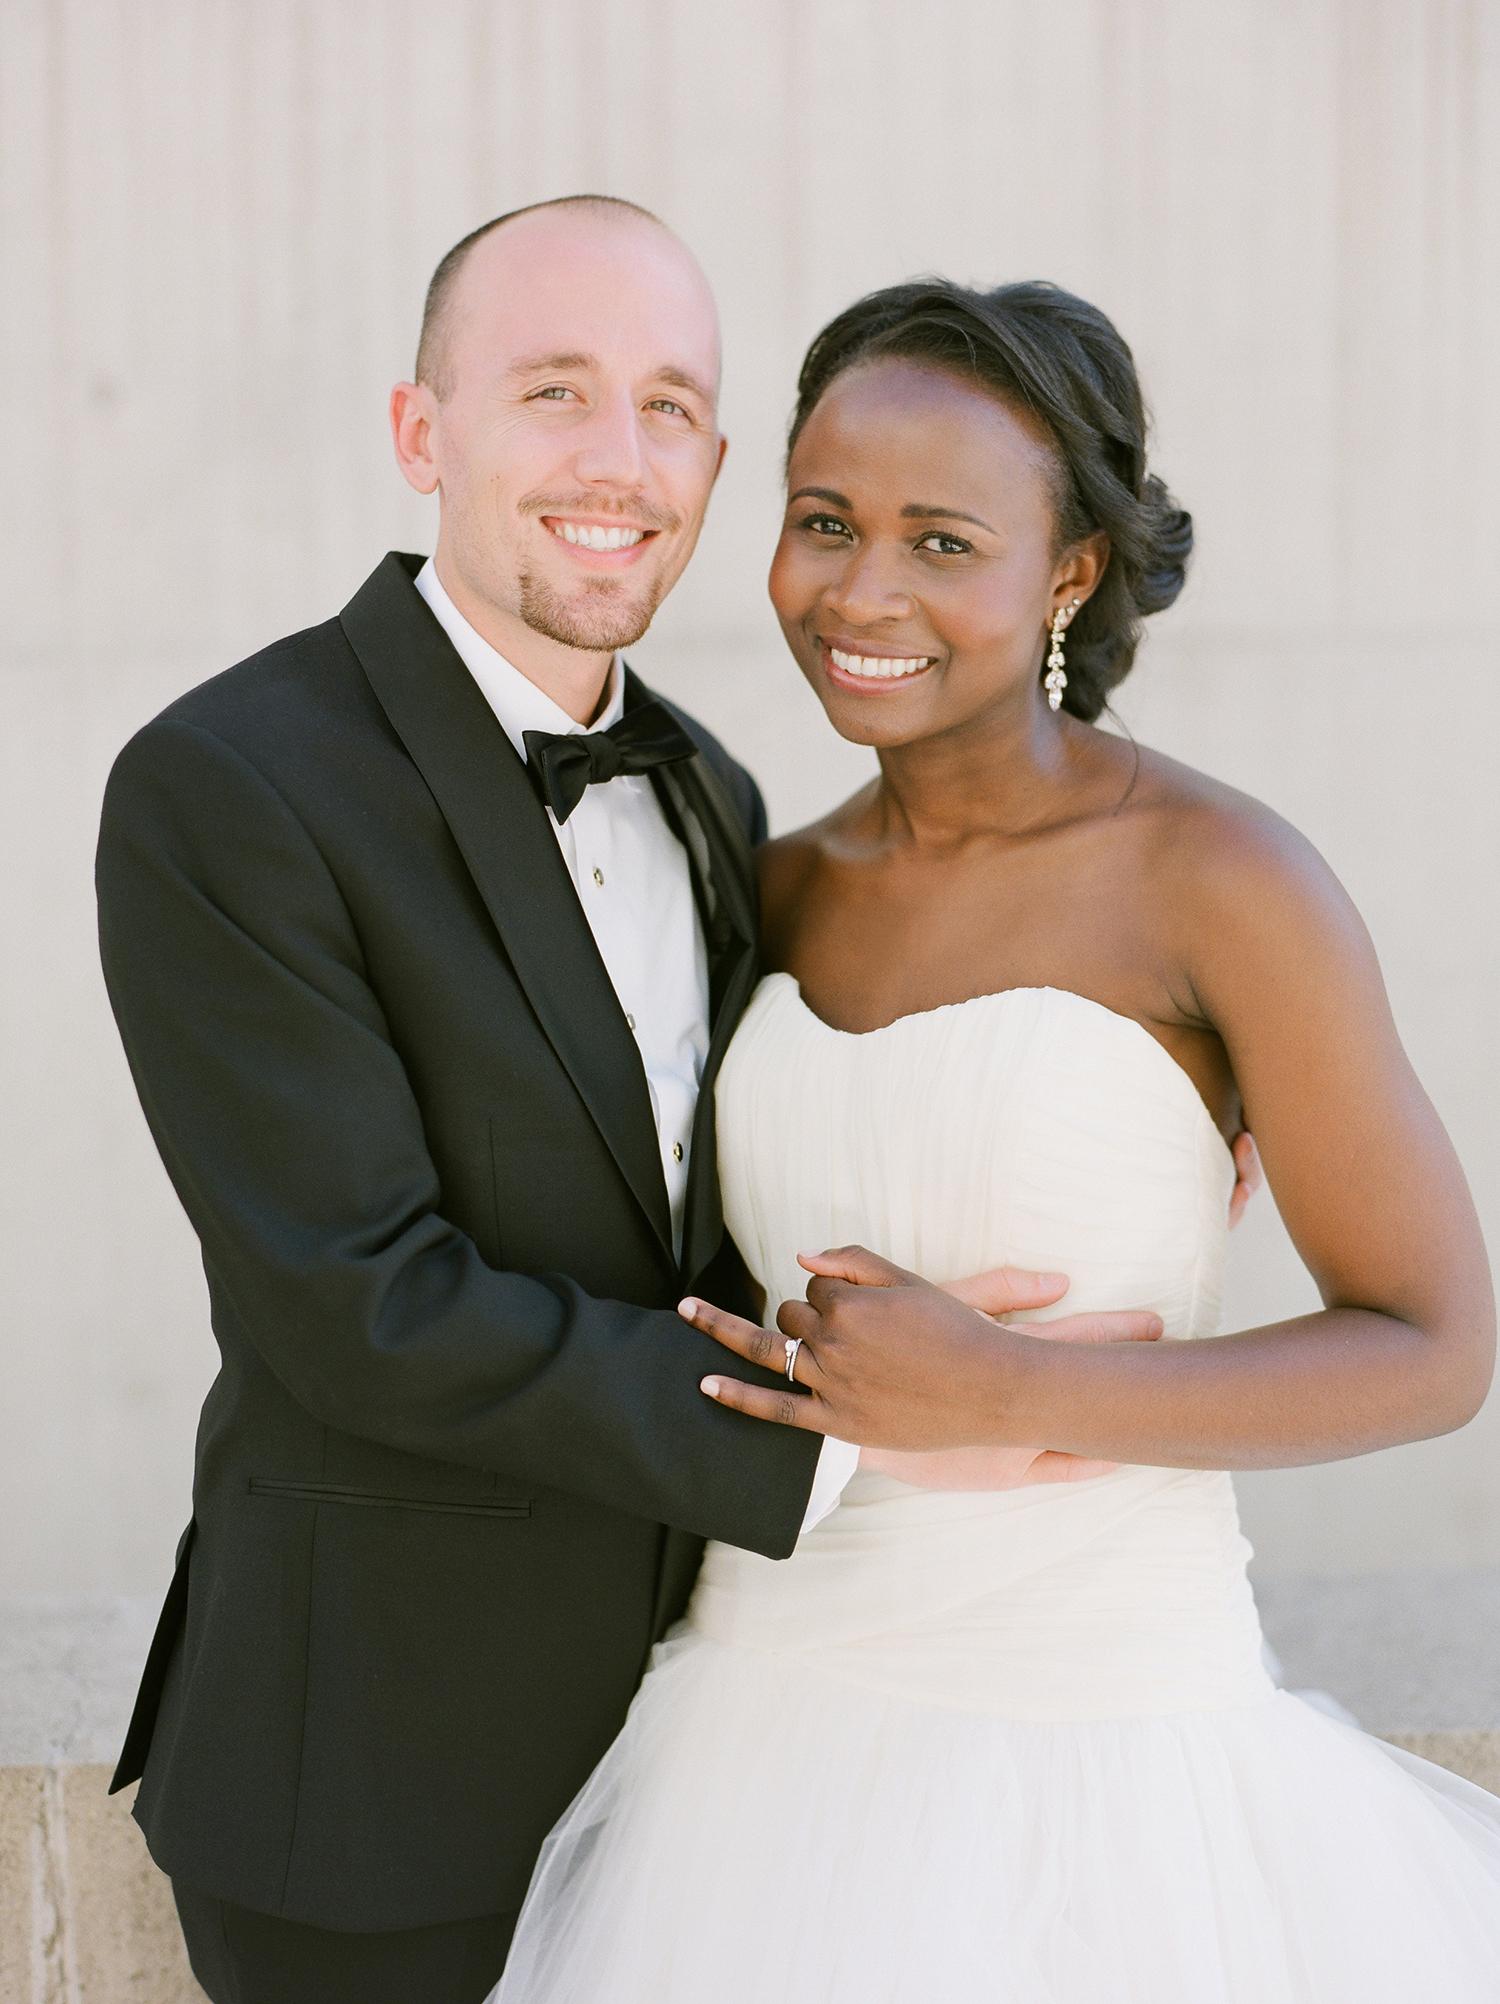 anwuli patrick wedding couple